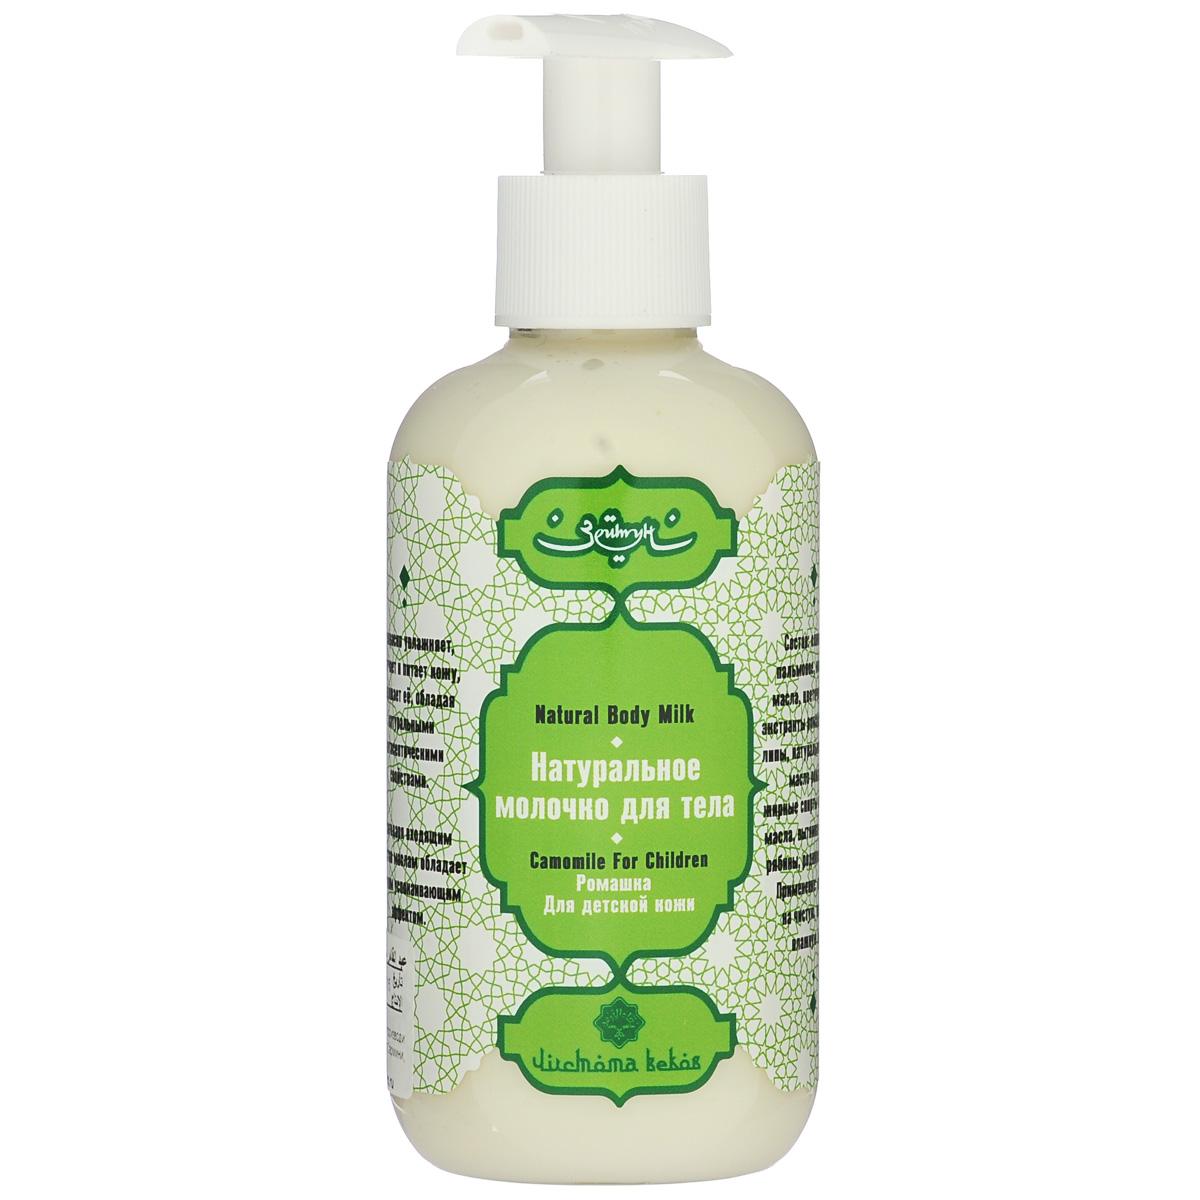 Зейтун Молочко для тела Ромашка, 200 млFS-00897Прекрасно увлажняет, смягчает и питает кожу, защищает её, обладая натуральными антисептическими свойствами. Благодаря входящим в состав маслам обладает мягким успокаивающим эффектом.